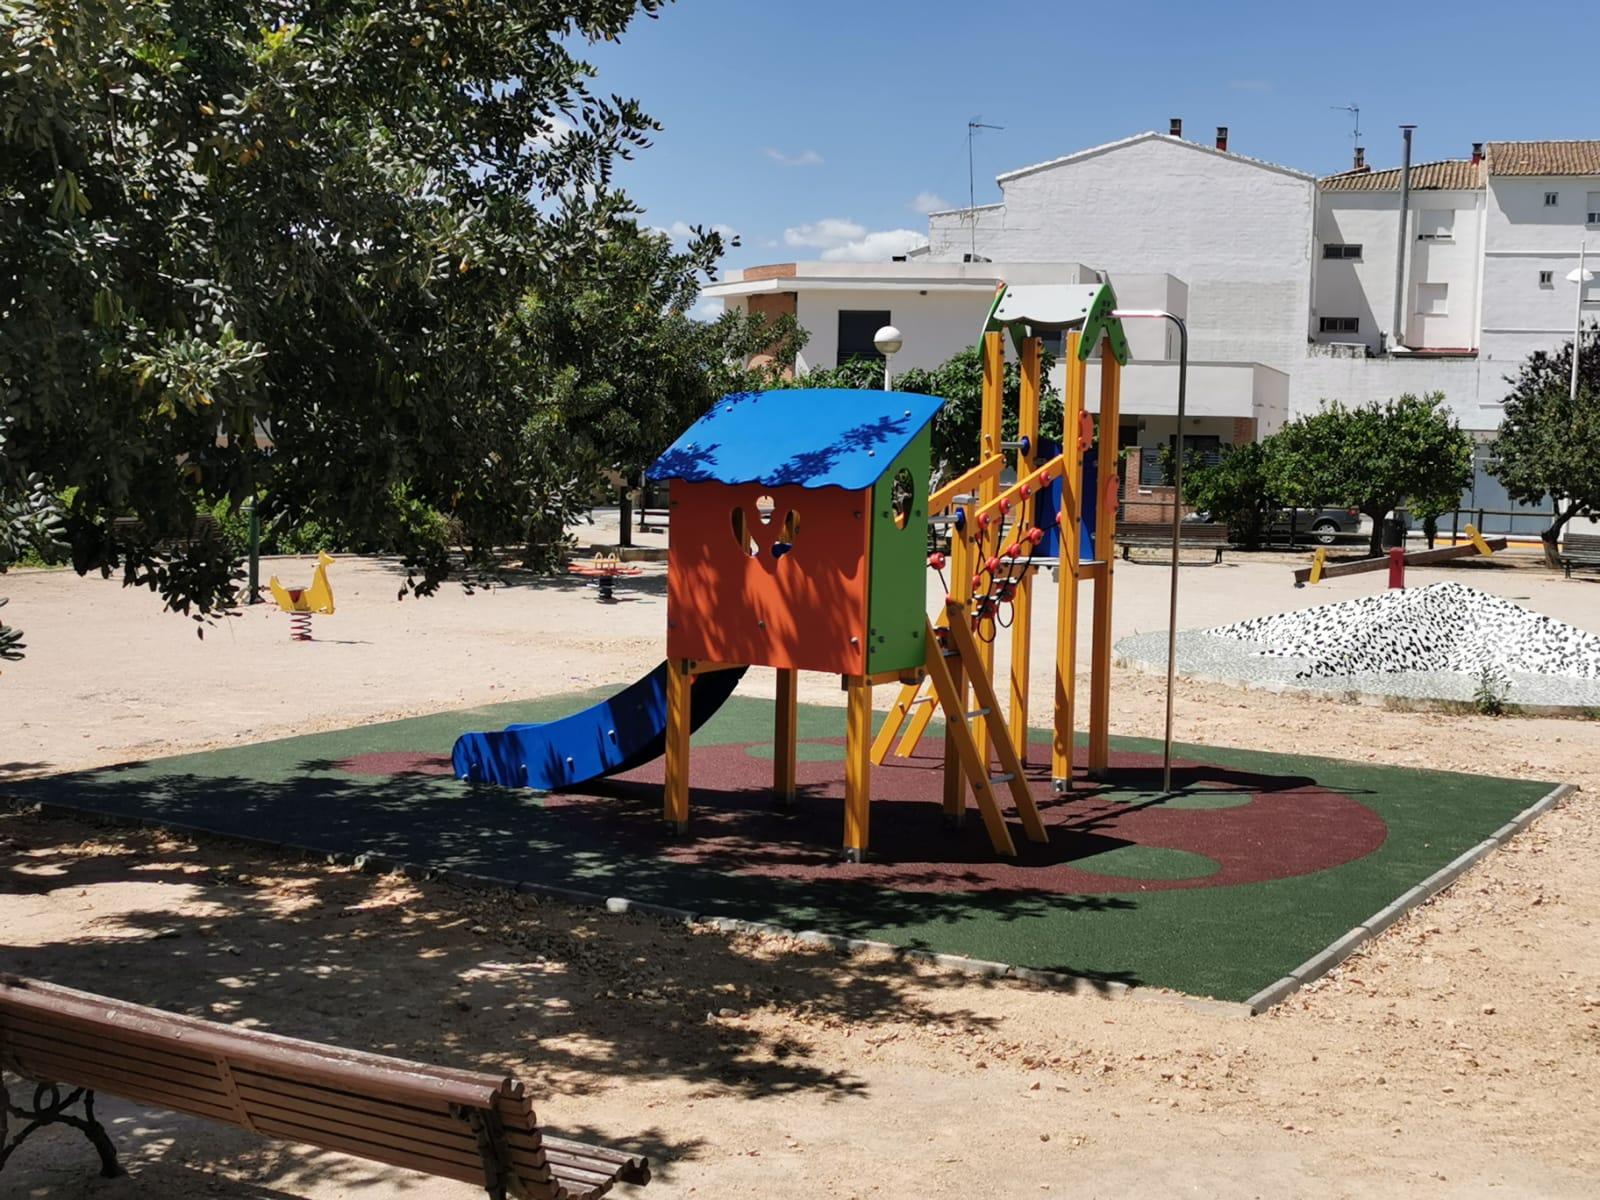 Juego Infantil y Suelo de Caucho en Montserrat